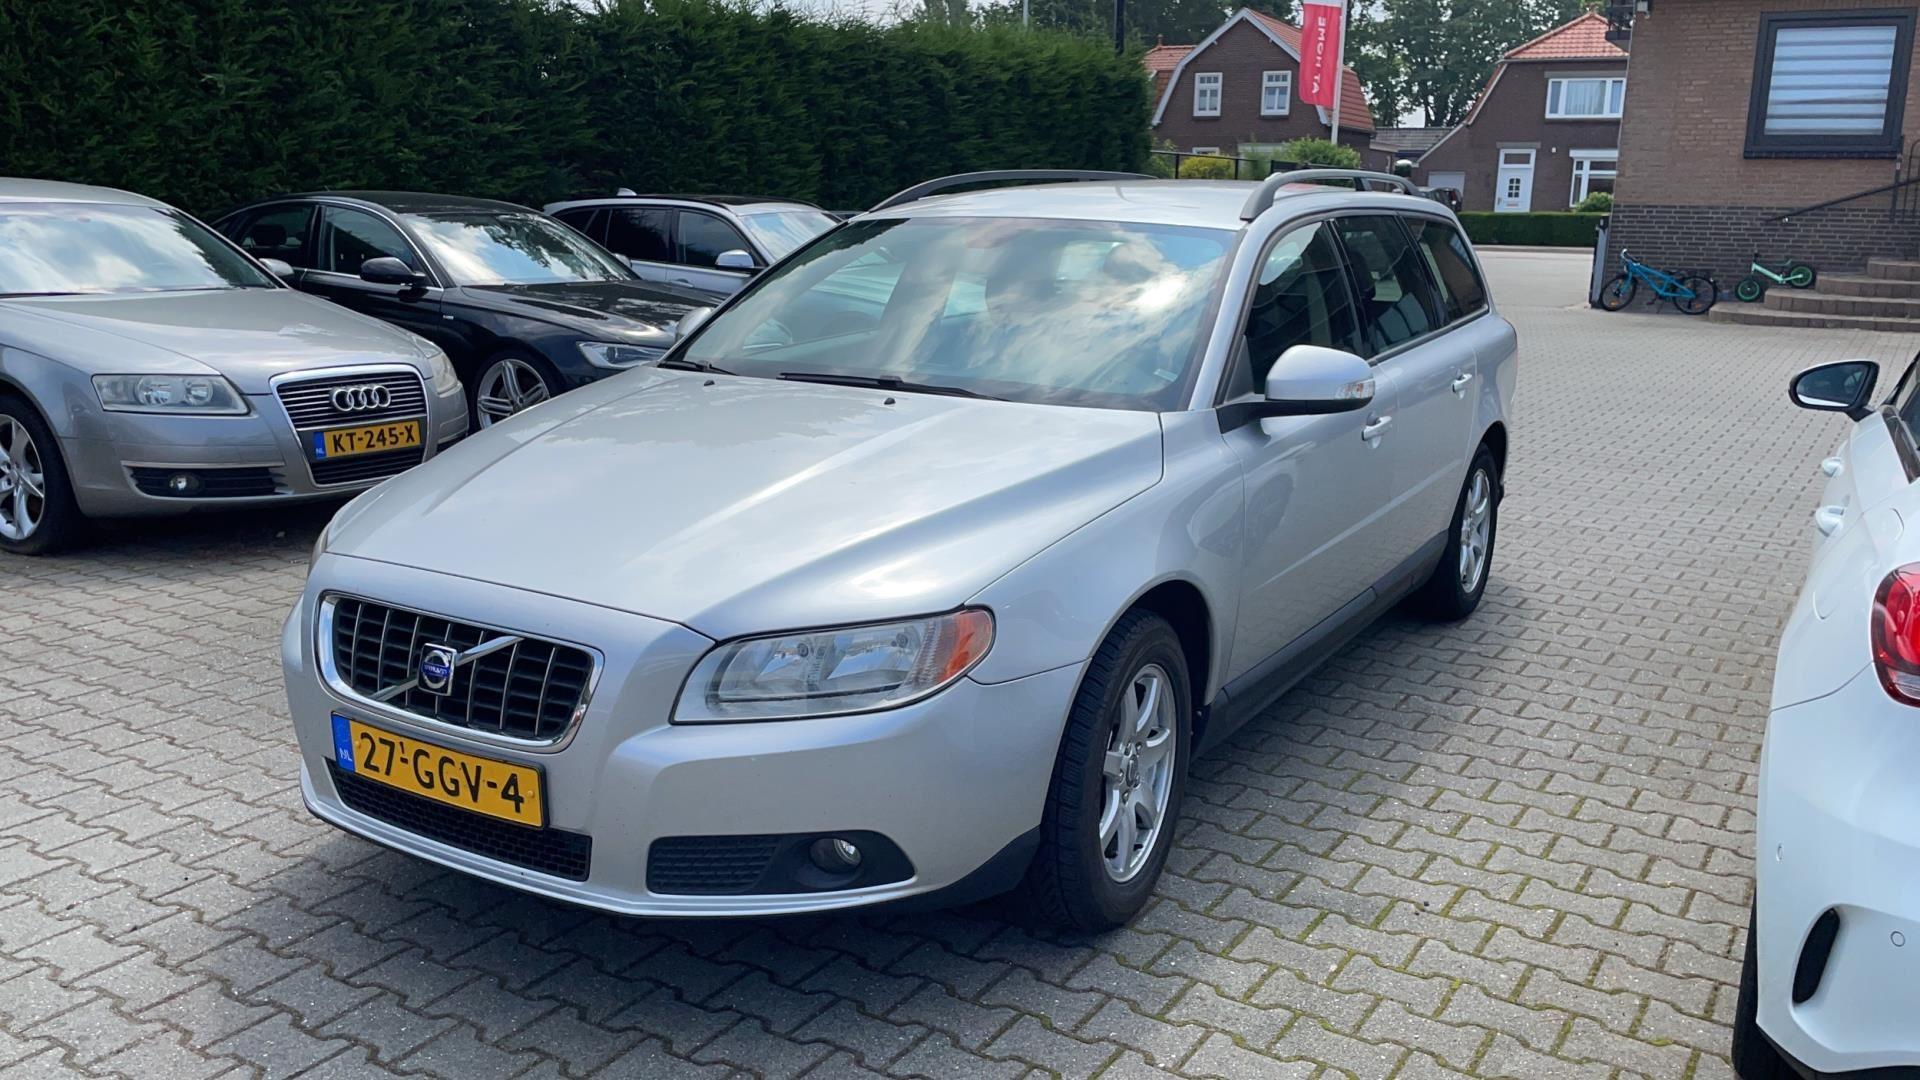 Volvo V70 occasion - Dealer Outlet Cuijk b.v.